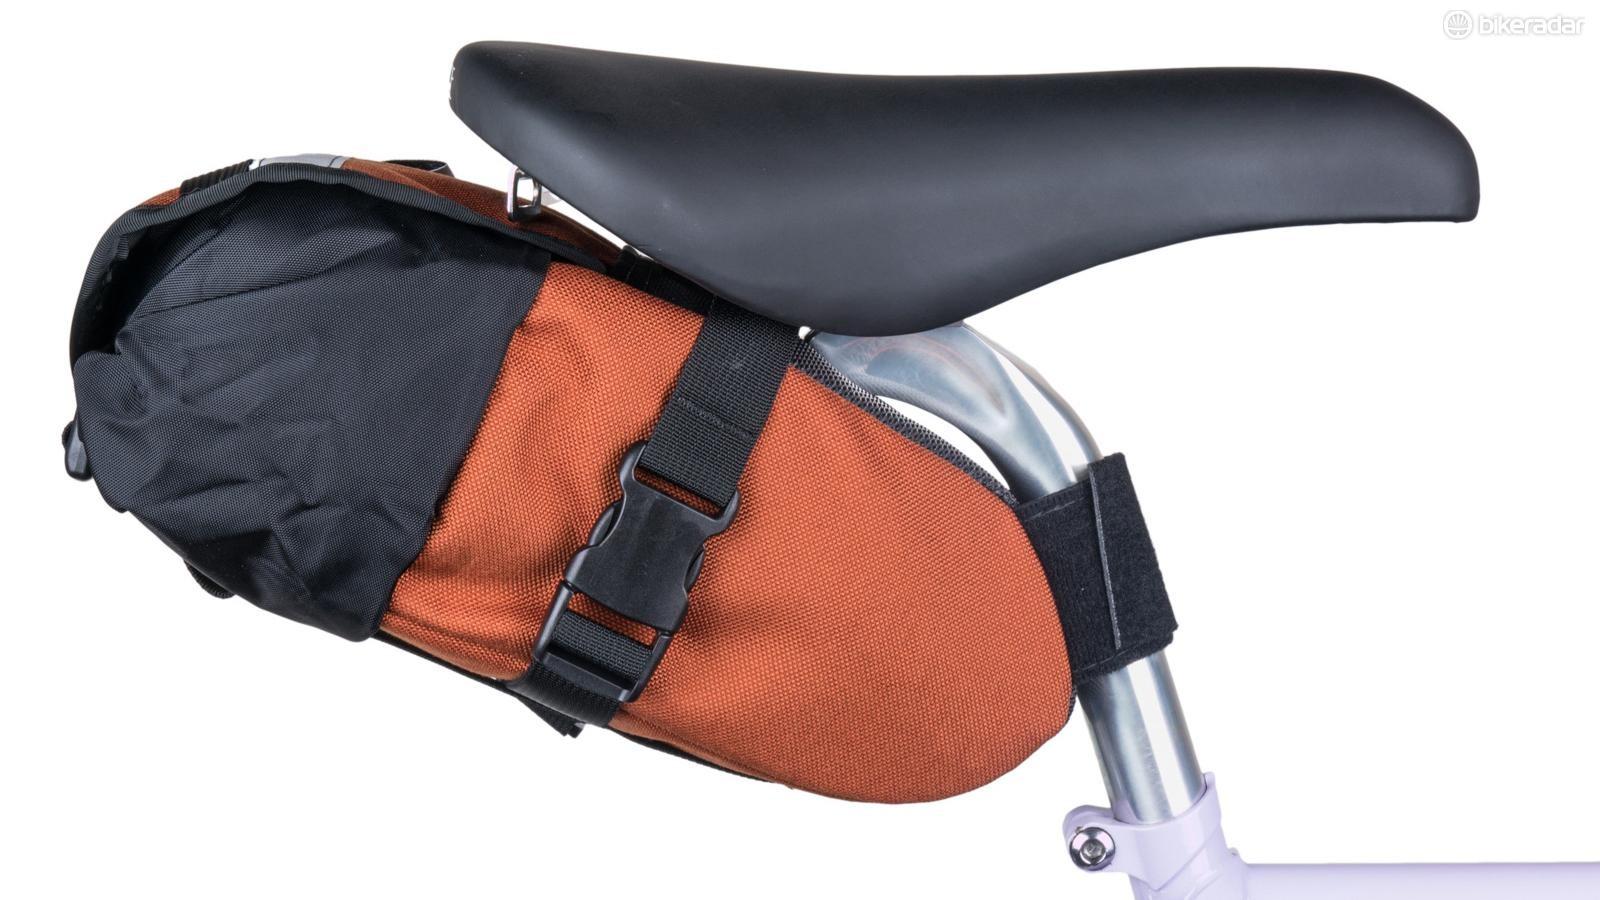 Velo Orange's V2 Day Tripper saddle bag